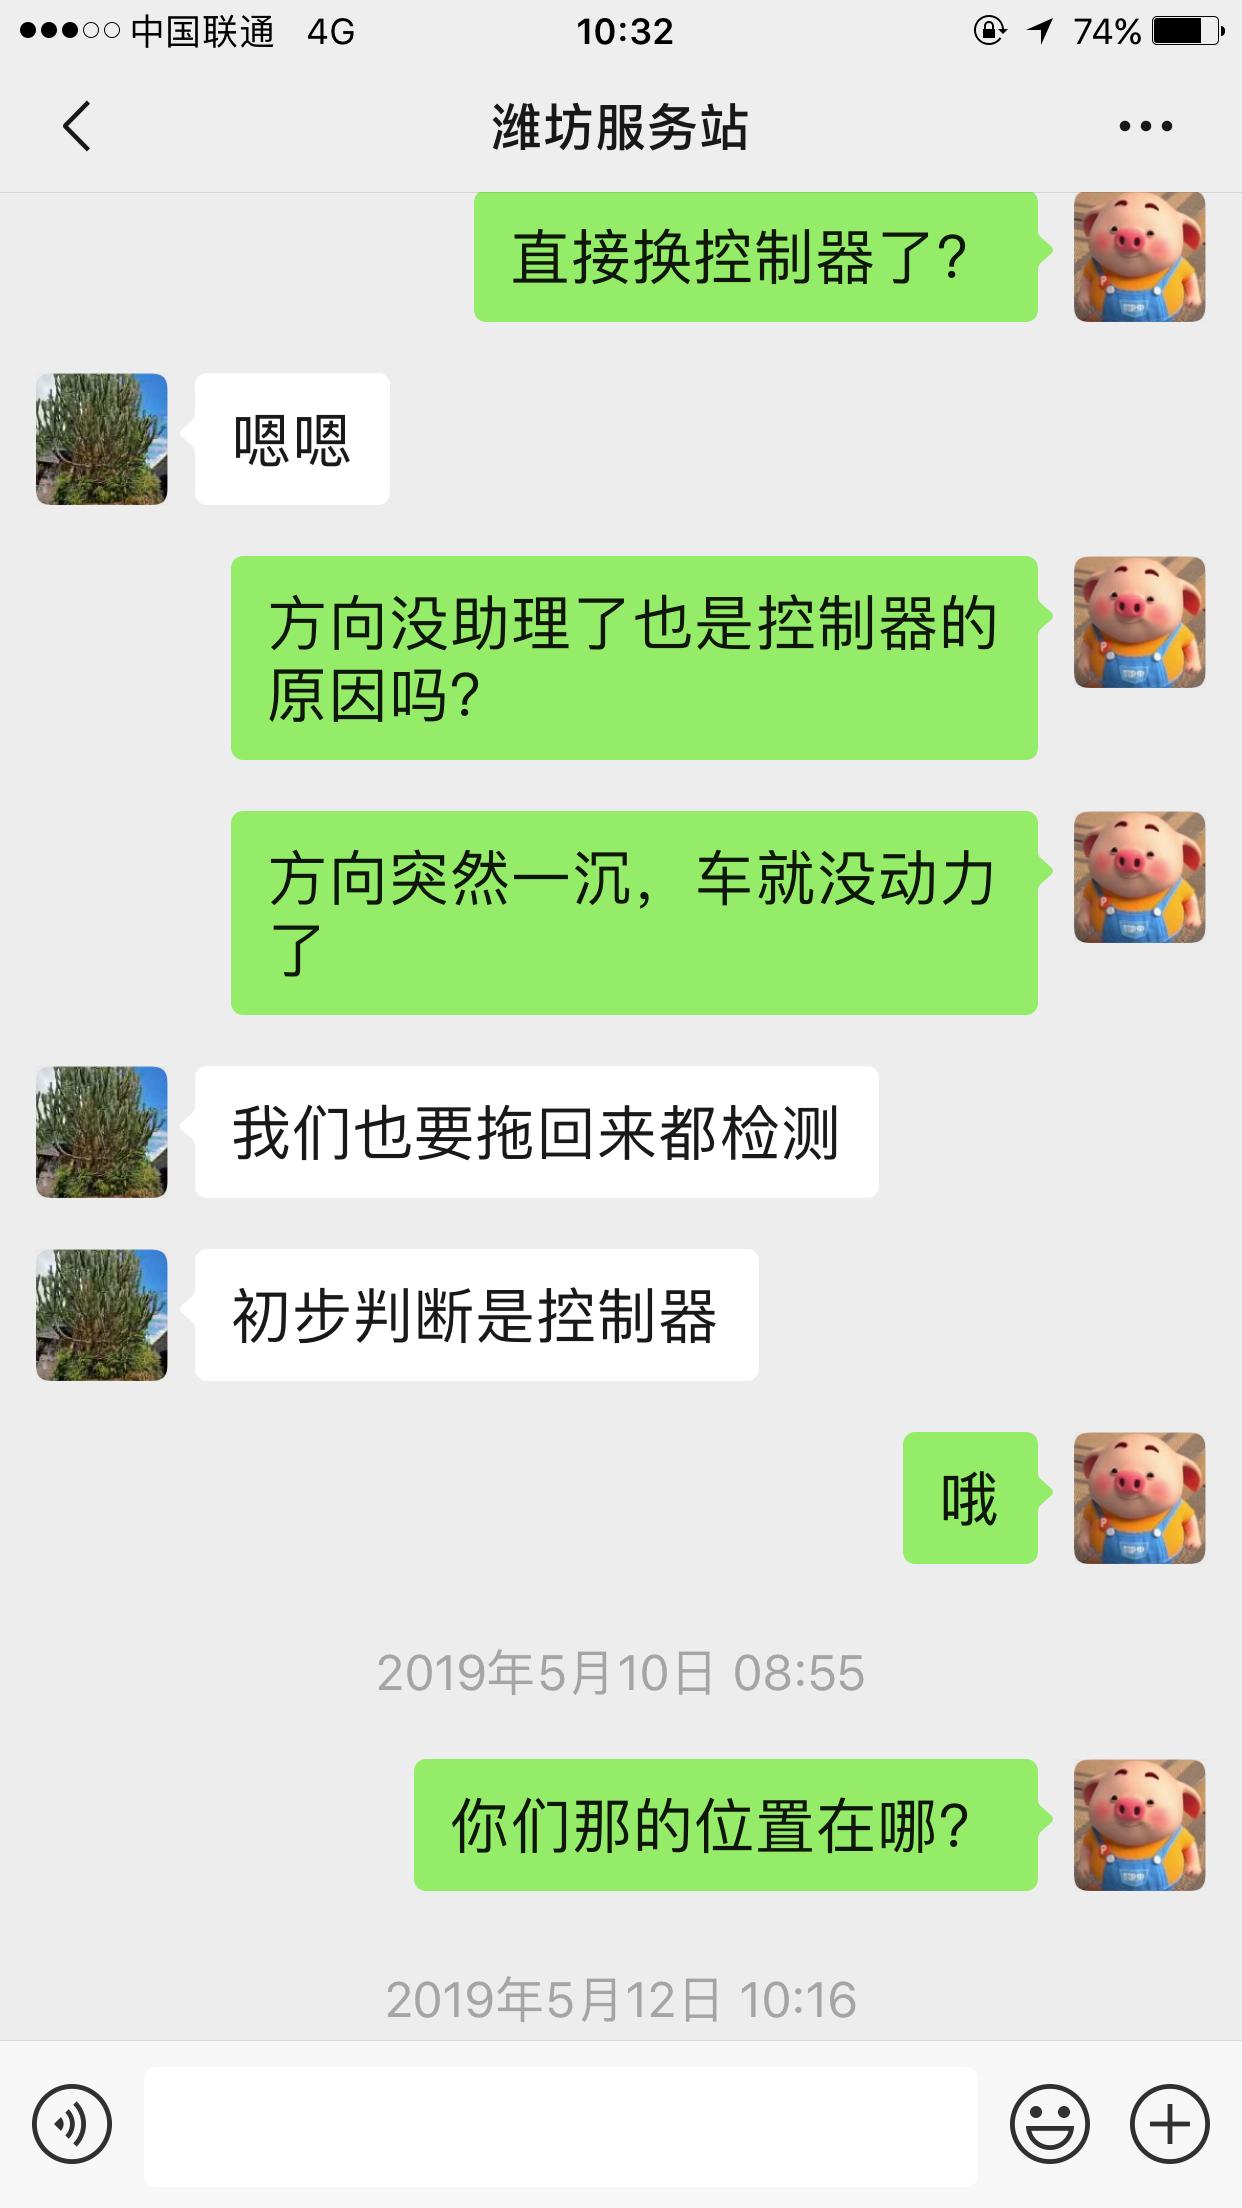 眾泰-云100 因廠家無配件導致修車25天,要求交通補助費